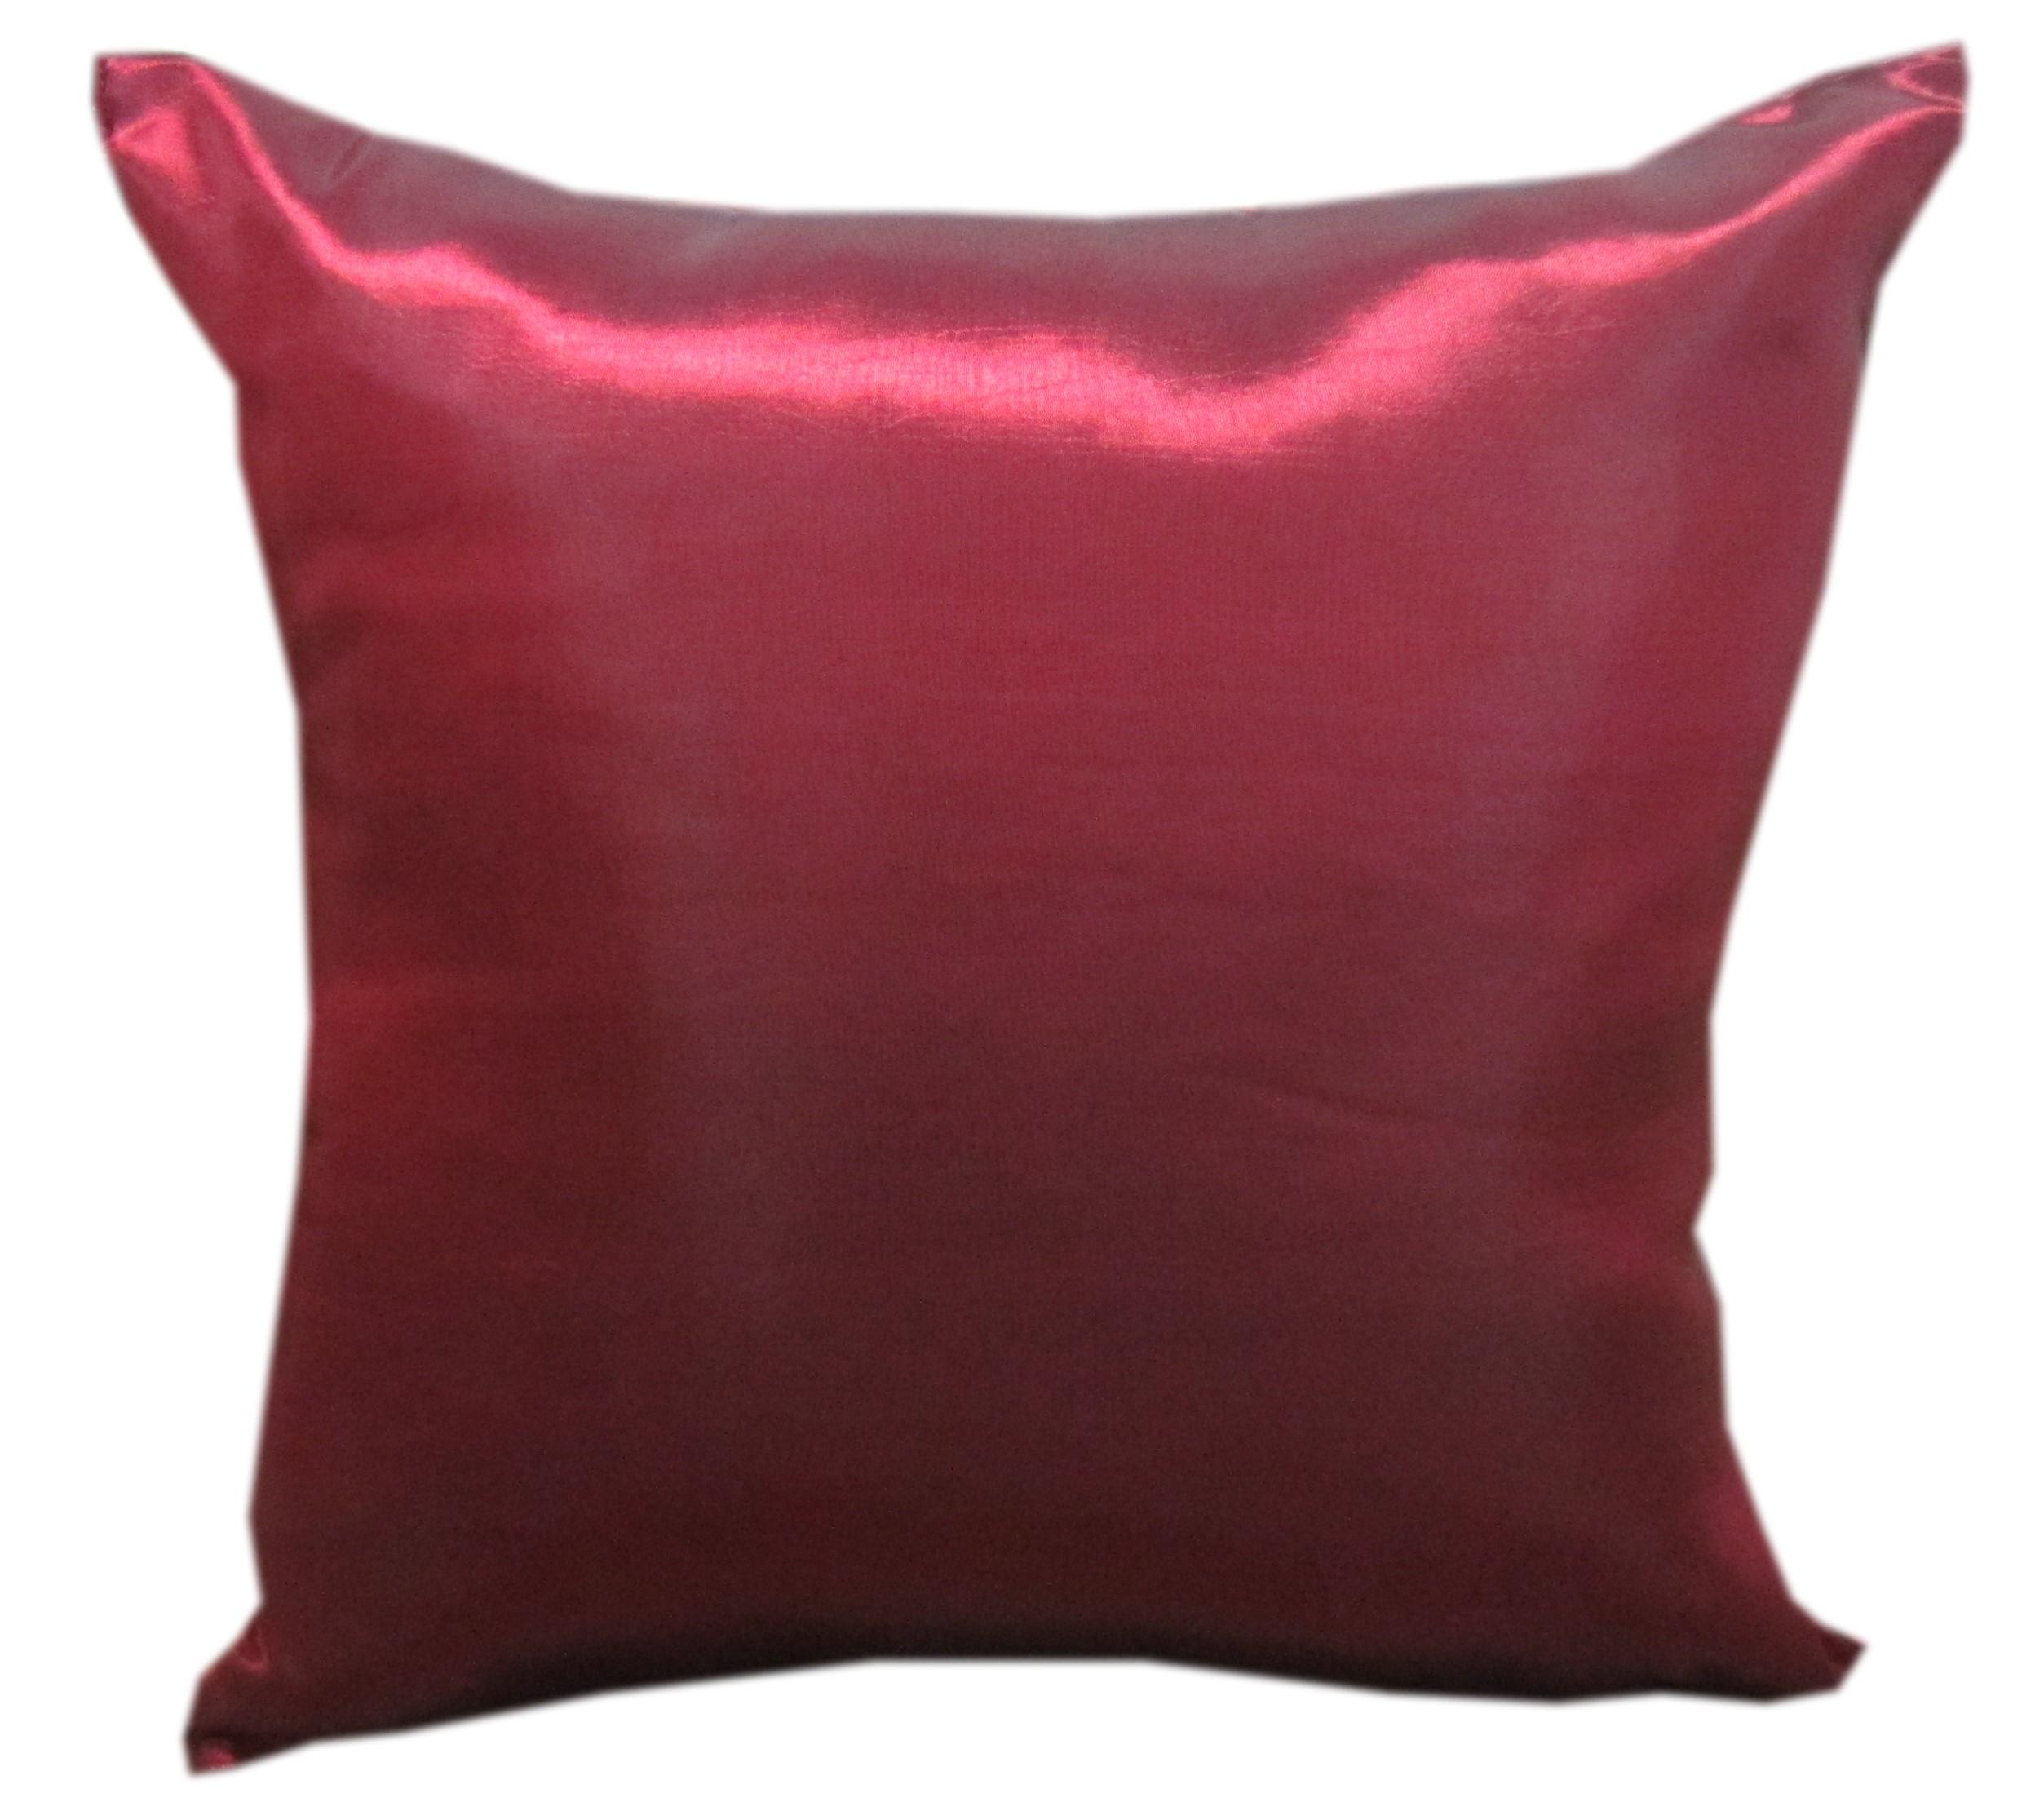 Cushion pillow case-1544